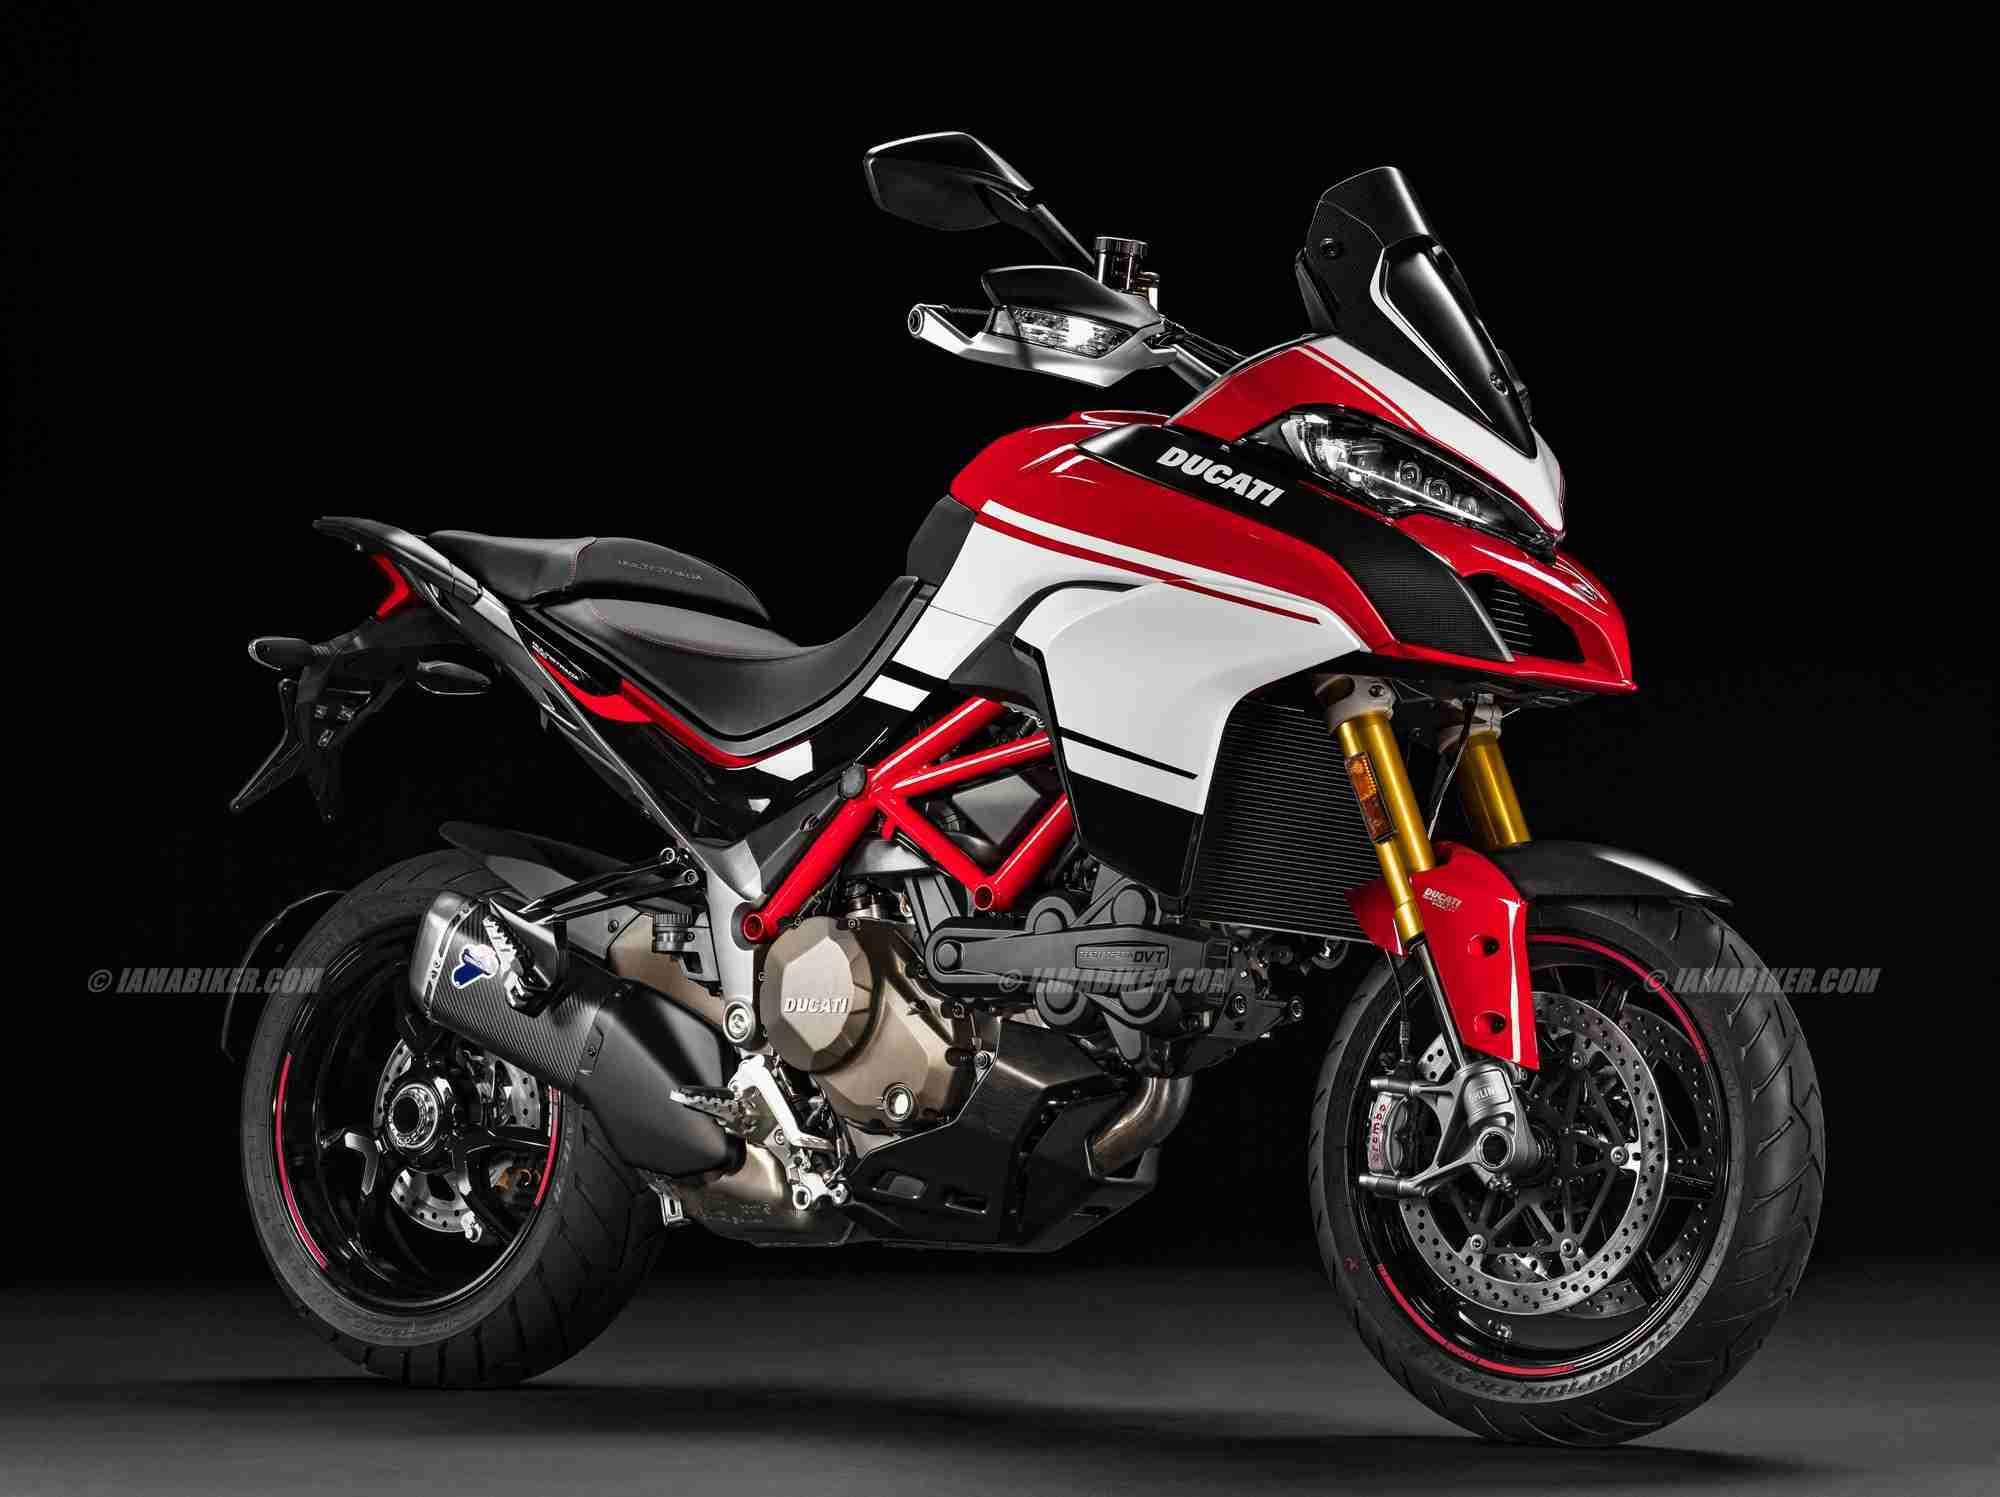 2016 Ducati MULTISTRADA 1200 PIKES PEAK